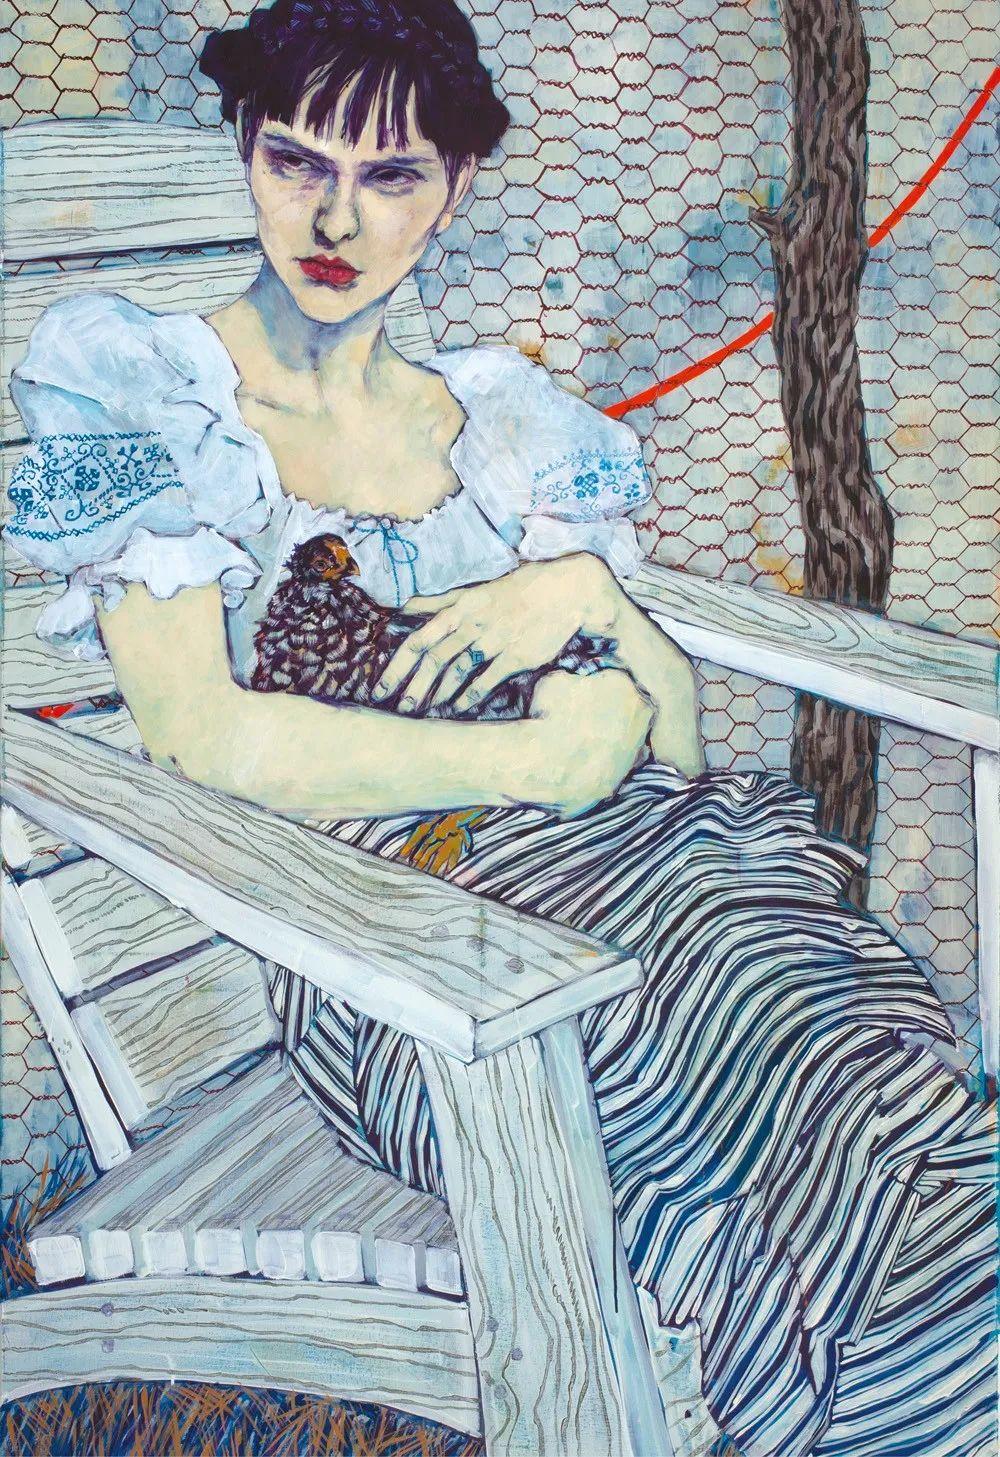 用平静的笔触描绘强烈的感情,美国艺术家Hope Gangloff作品选插图19